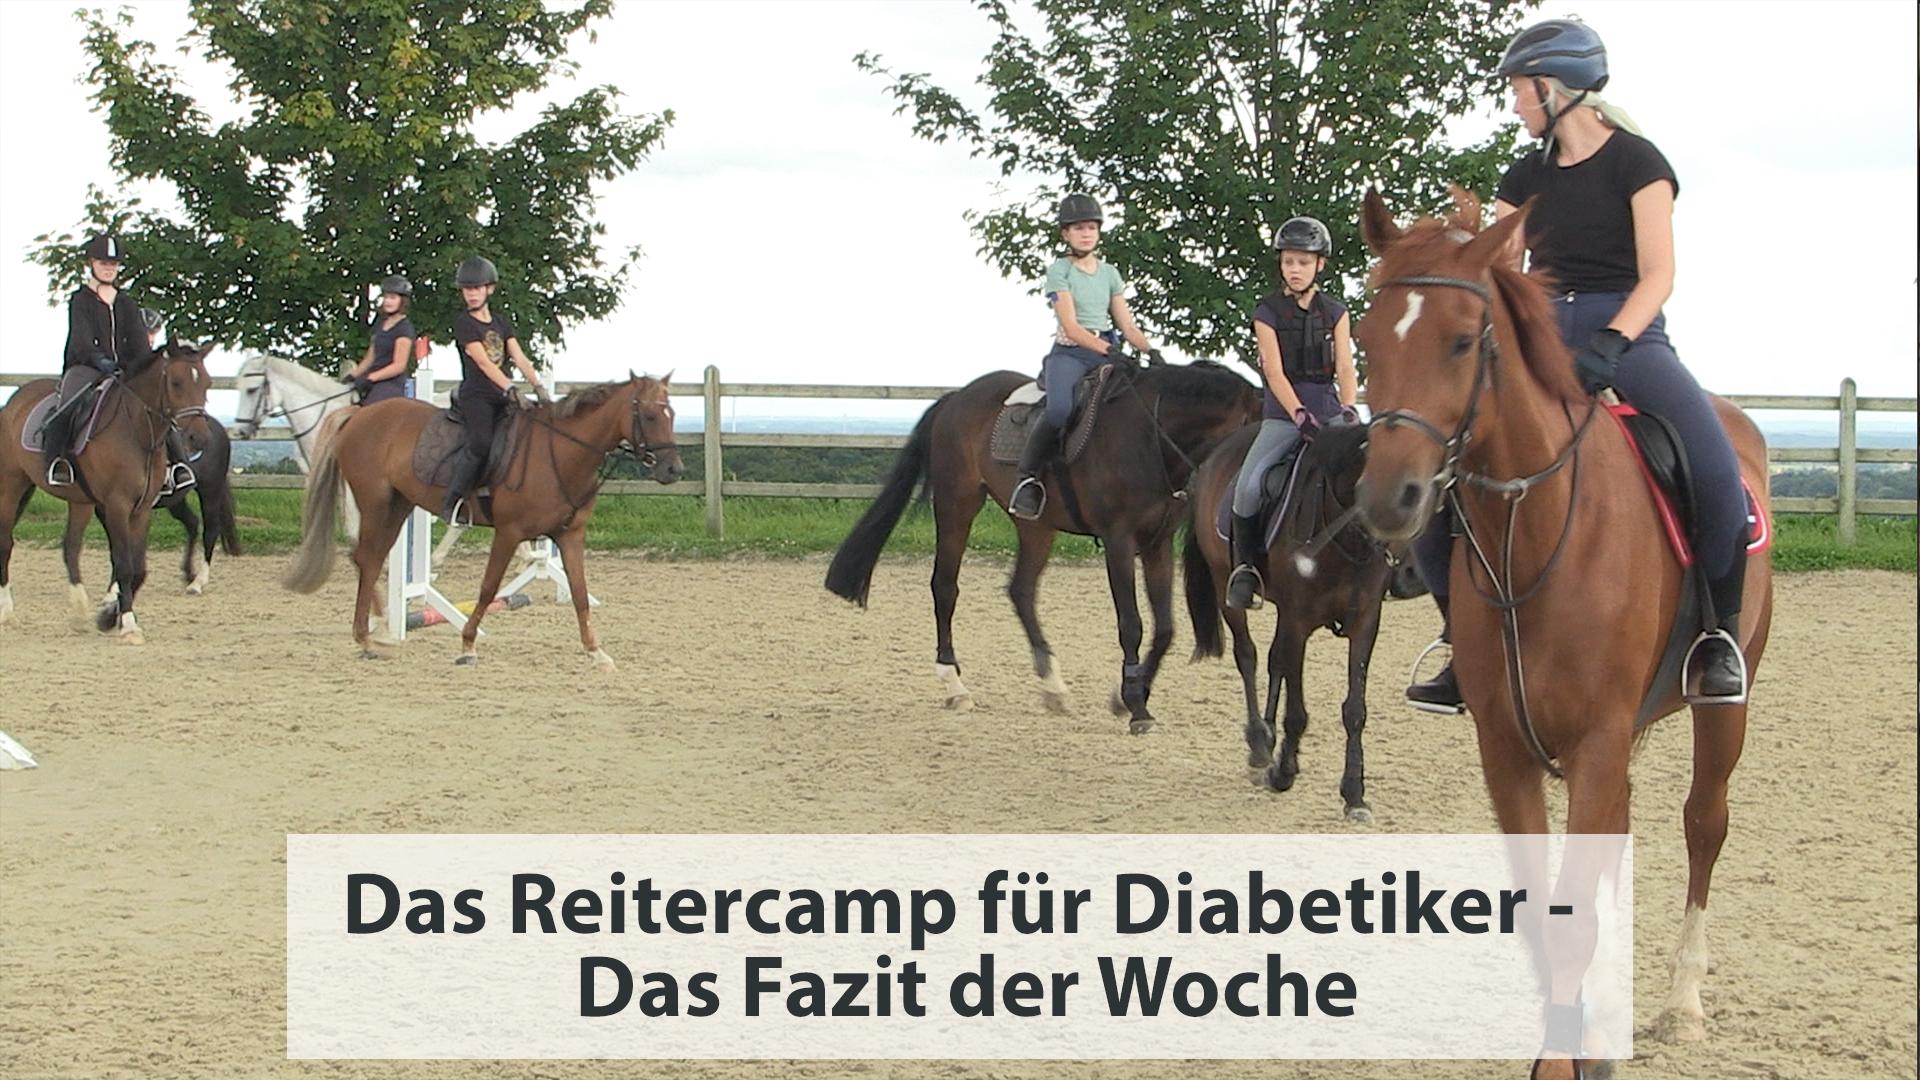 Das Reitercamp für Diabetiker – Das Fazit der Woche